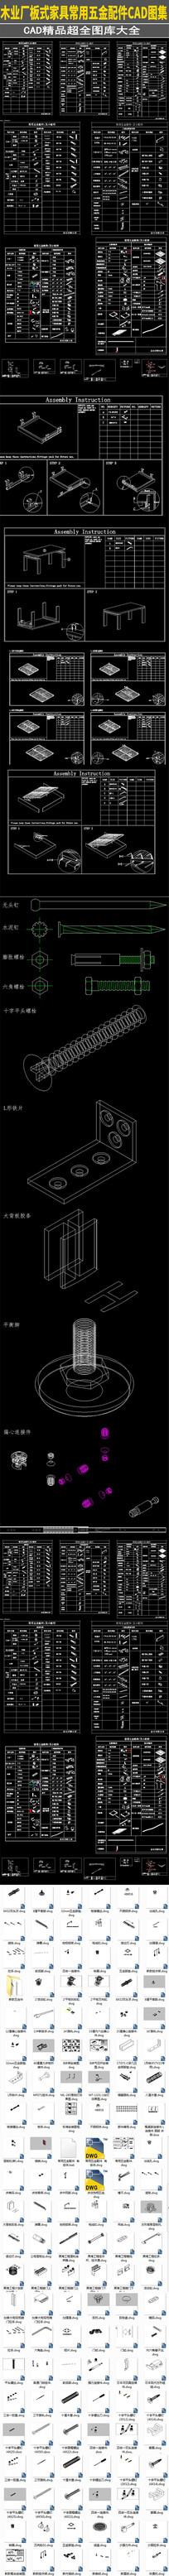 板式家具常用五金CAD图纸